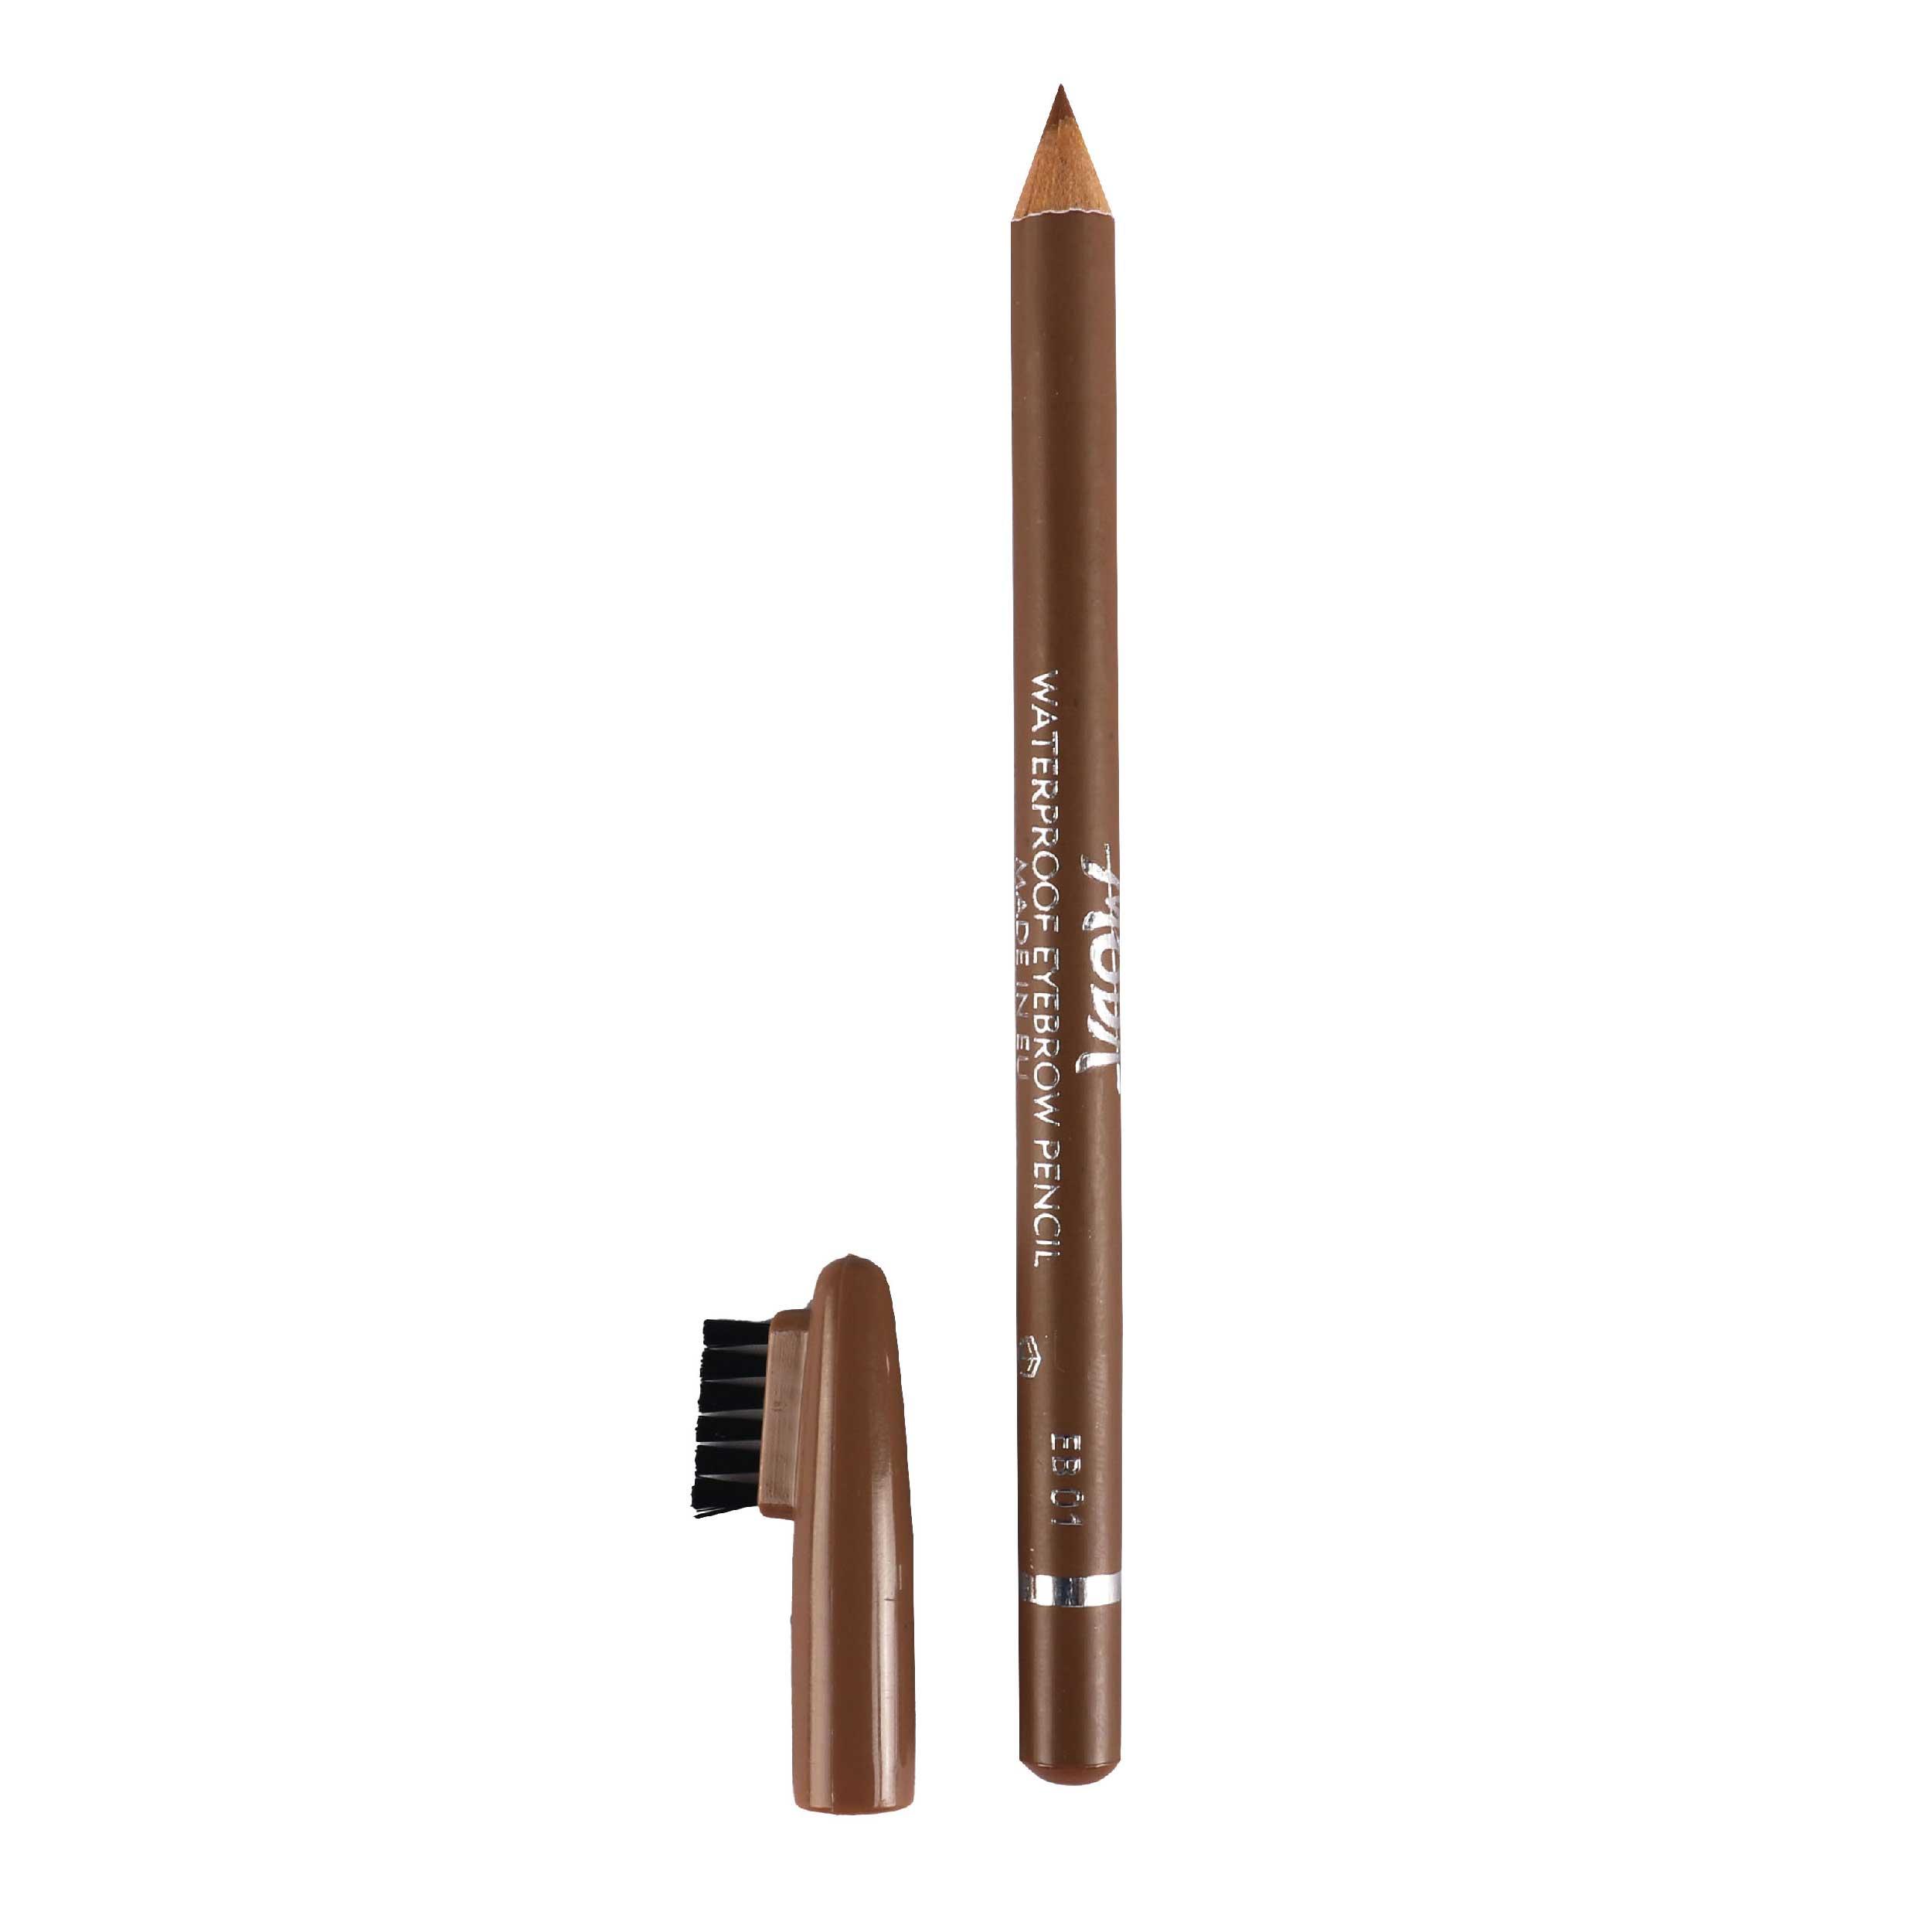 مداد ابرو مودا شماره 01 EB کد 02 main 1 2